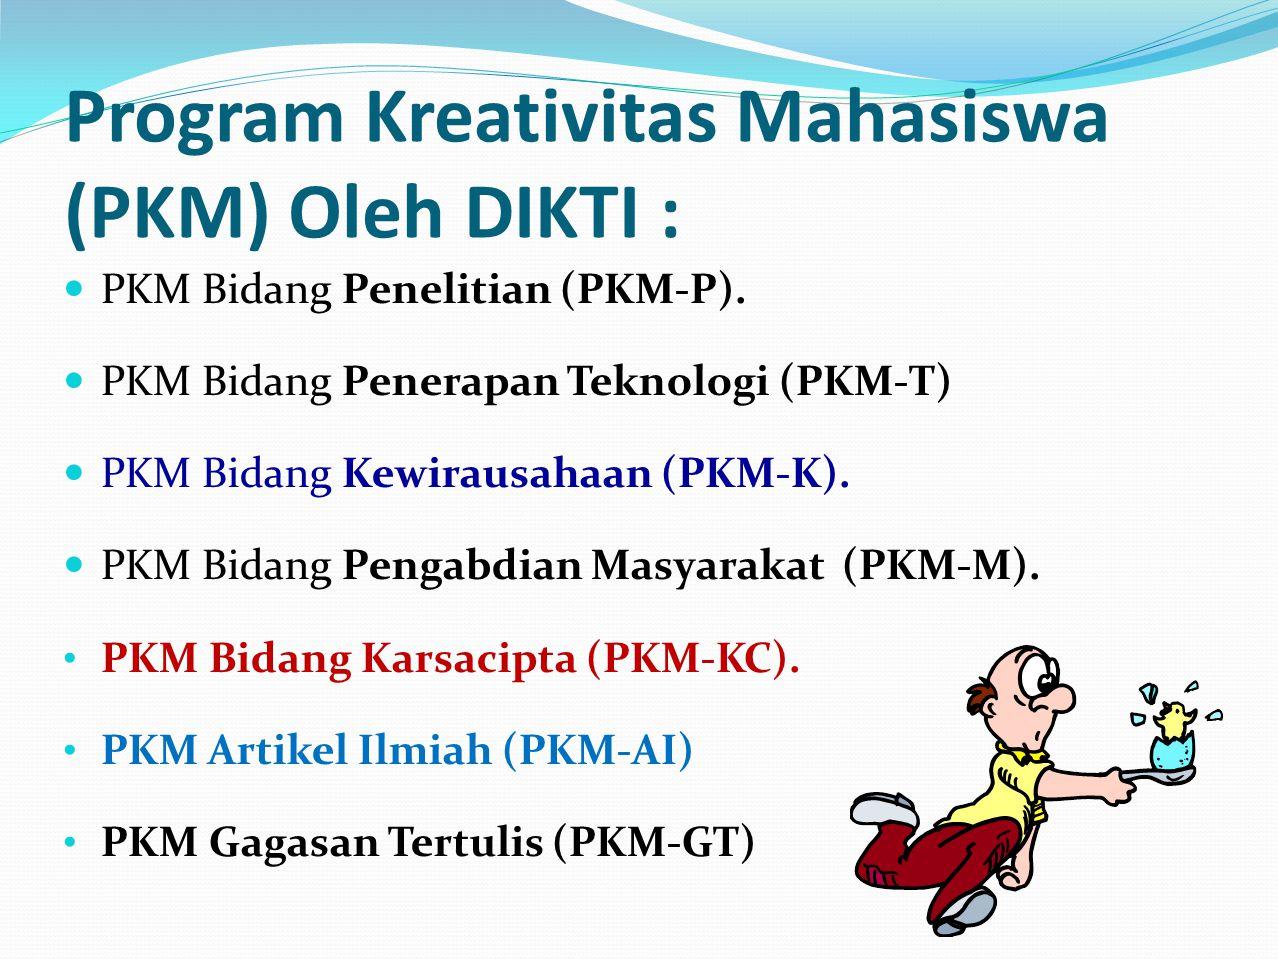 Program Kreativitas Mahasiswa (PKM) Oleh DIKTI : PKM Bidang Penelitian (PKM-P). PKM Bidang Penerapan Teknologi (PKM-T) PKM Bidang Kewirausahaan (PKM-K